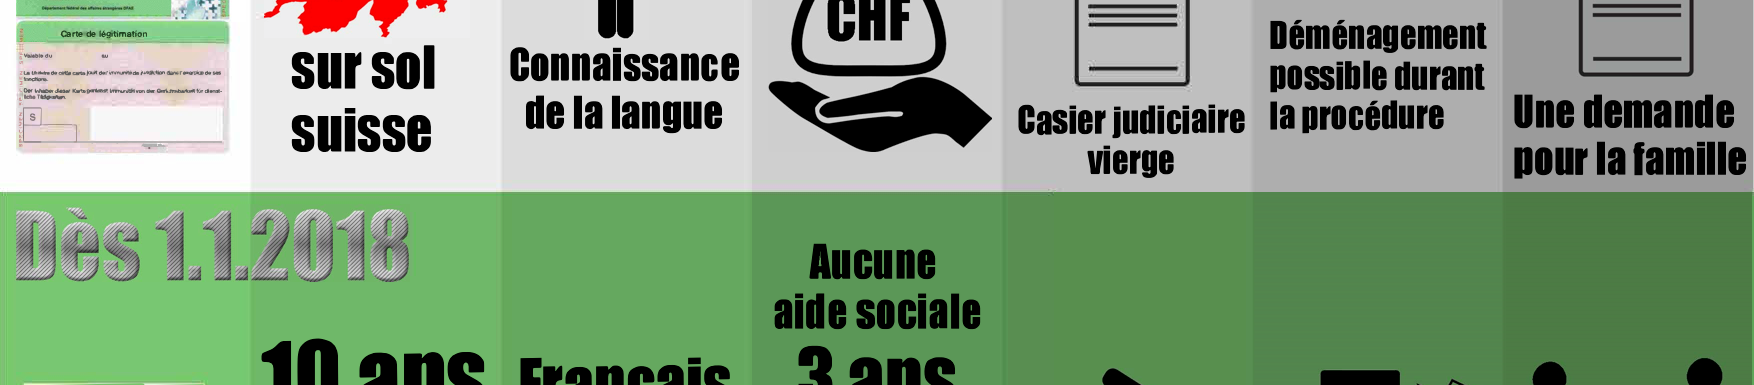 Nouvelles règles pour la naturalisation dans le canton de Vaud // 30 juin 2016